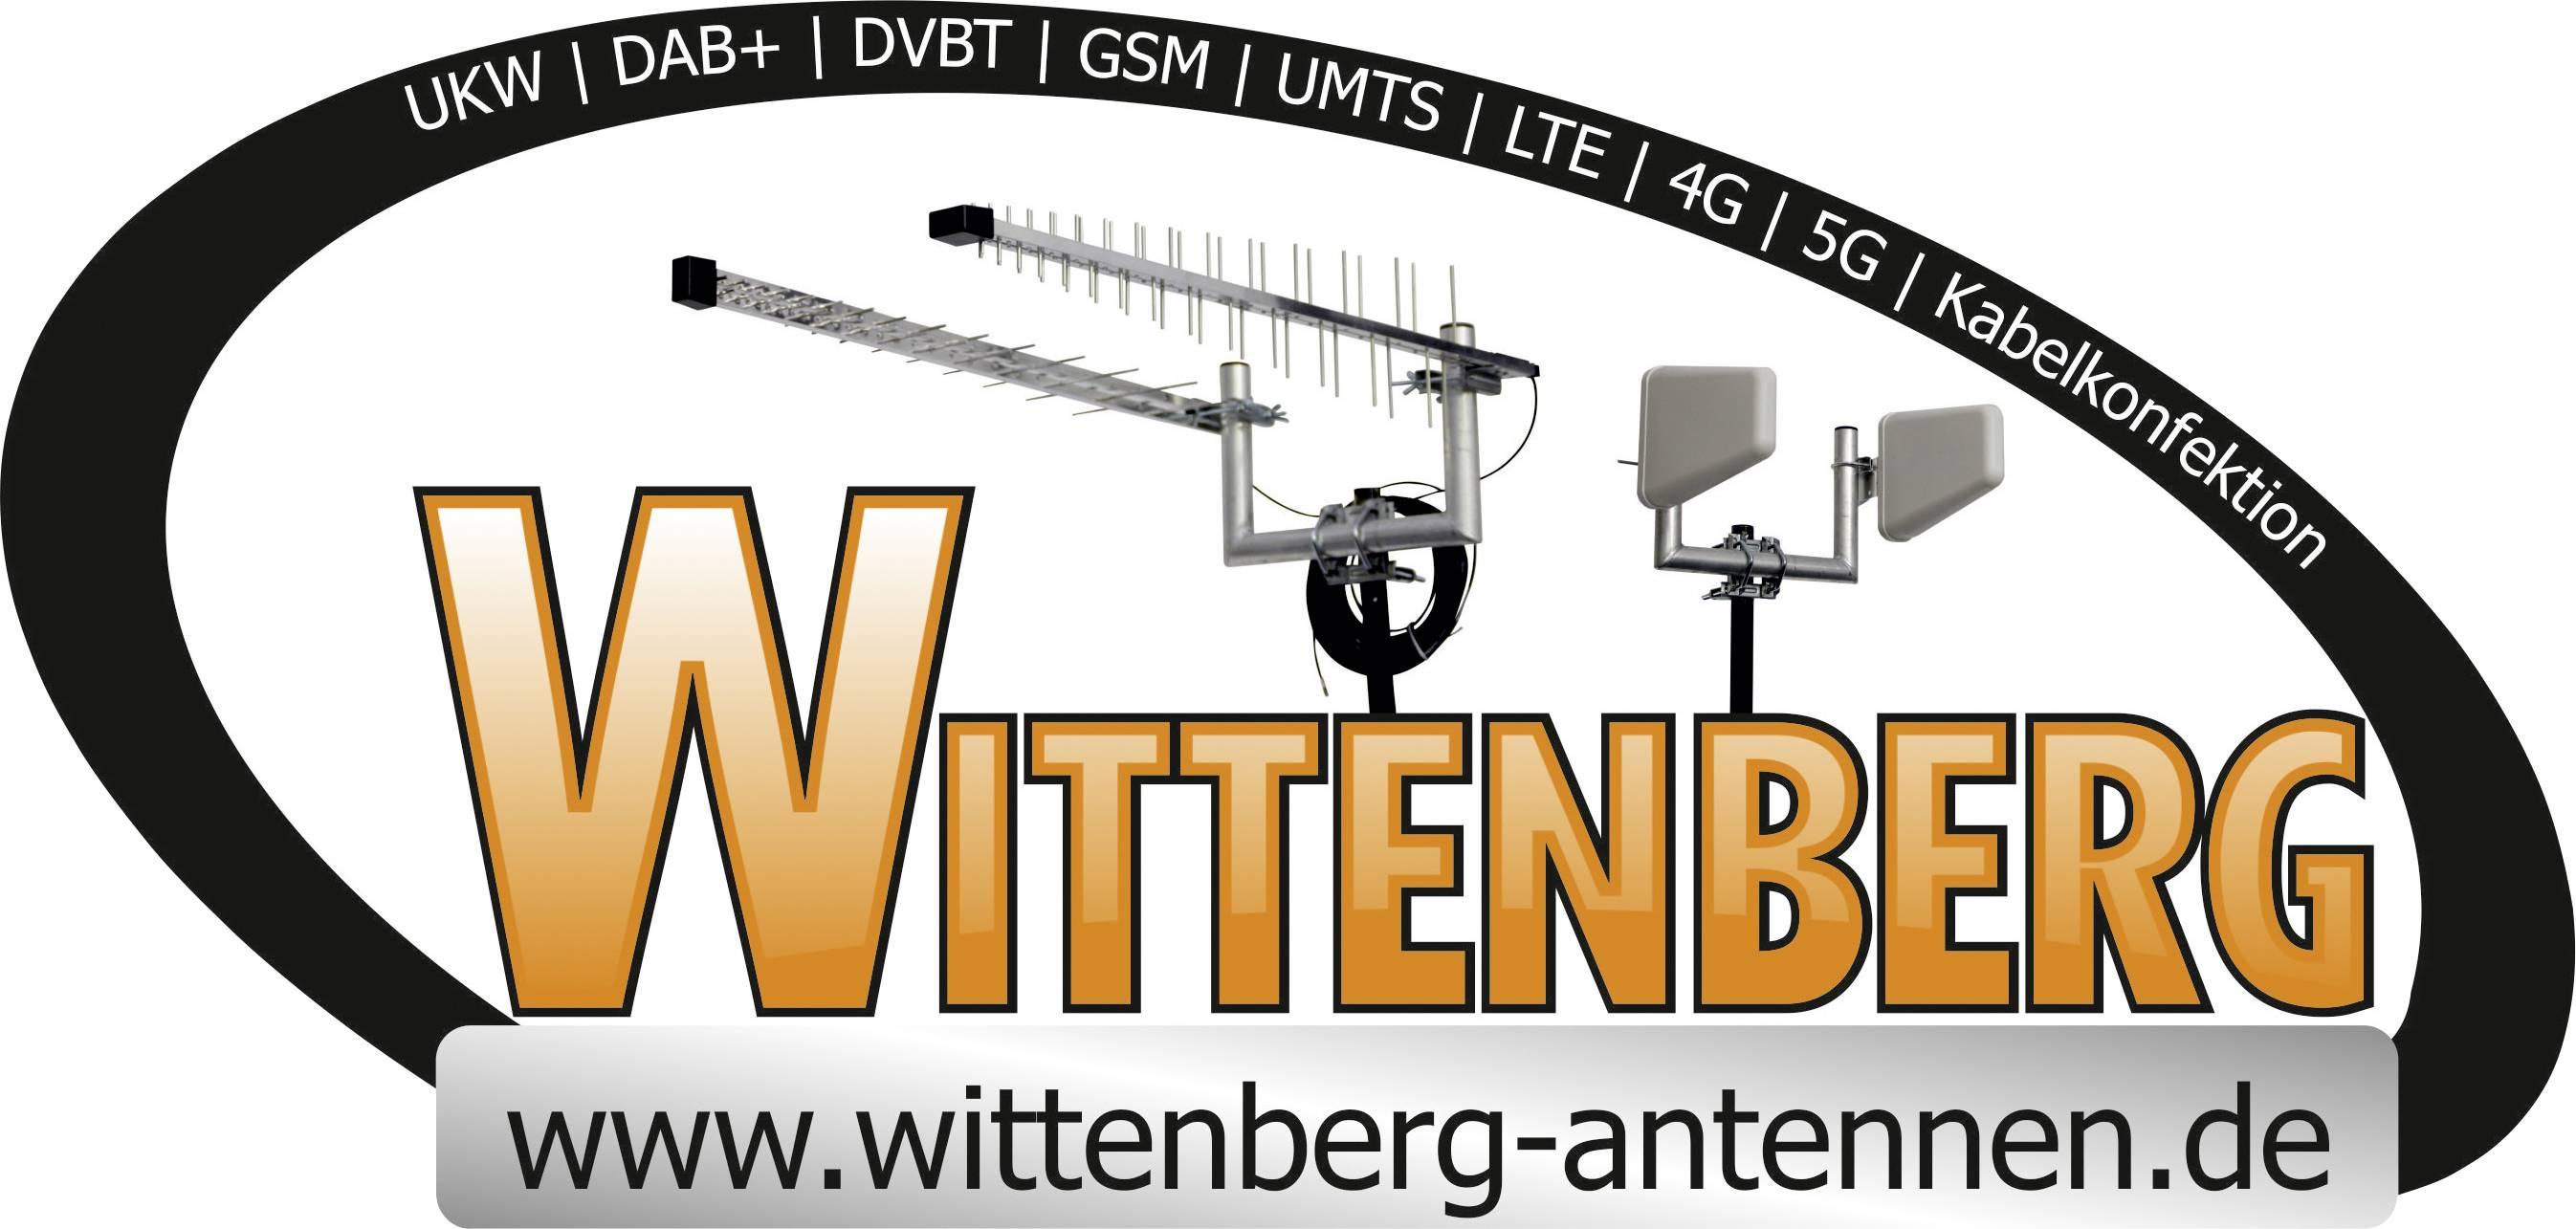 Wittenberg Antennen